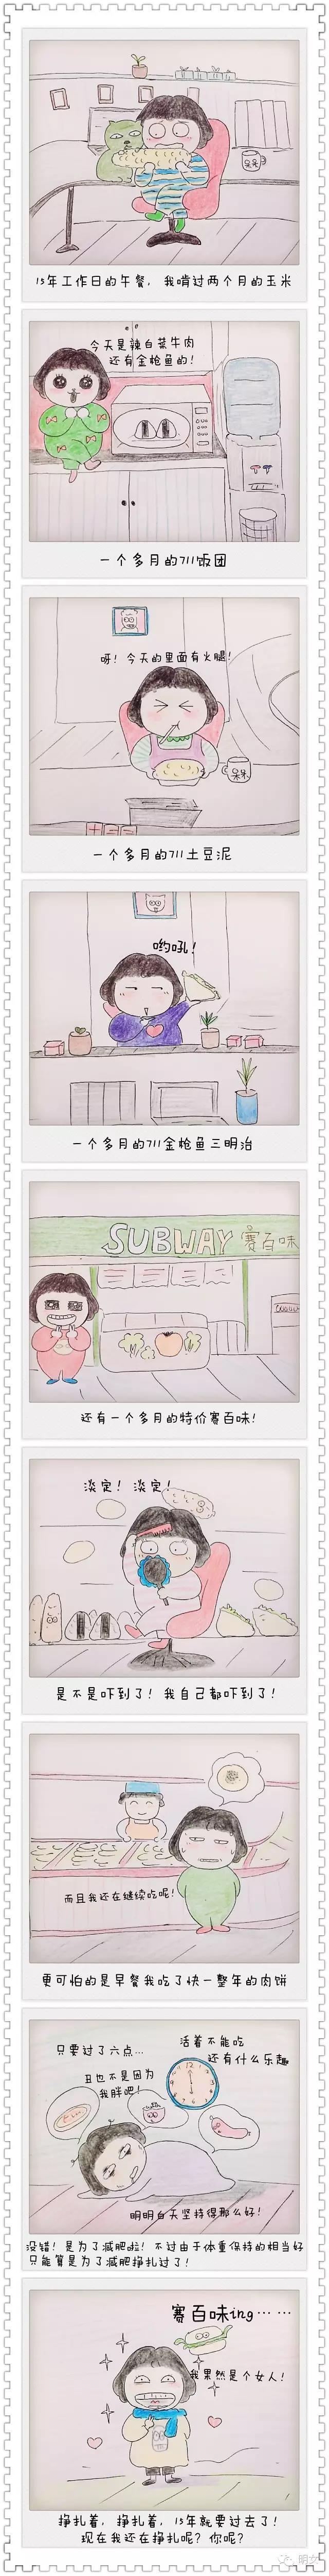 【明女小漫画】做女人真难